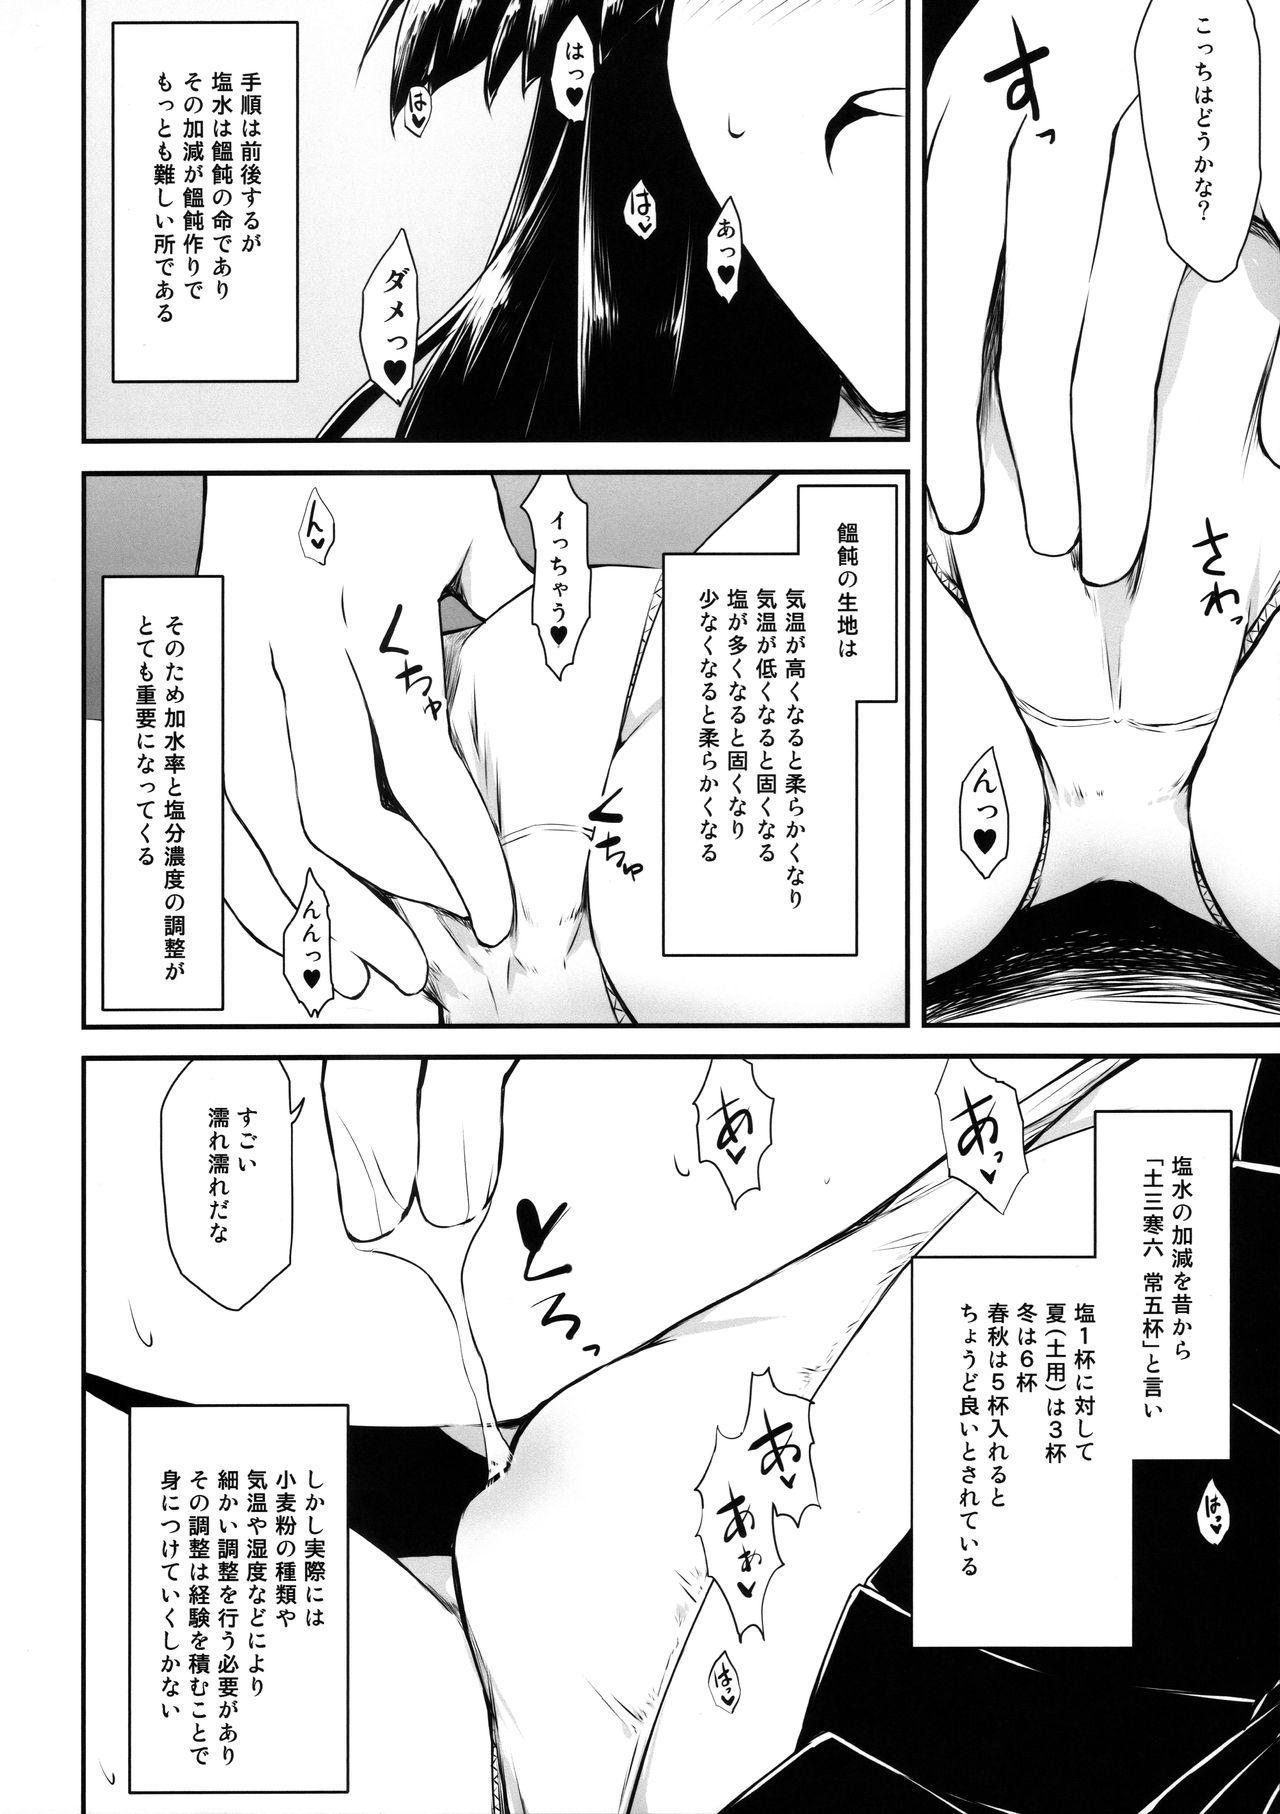 Udon no tsukurikata 6